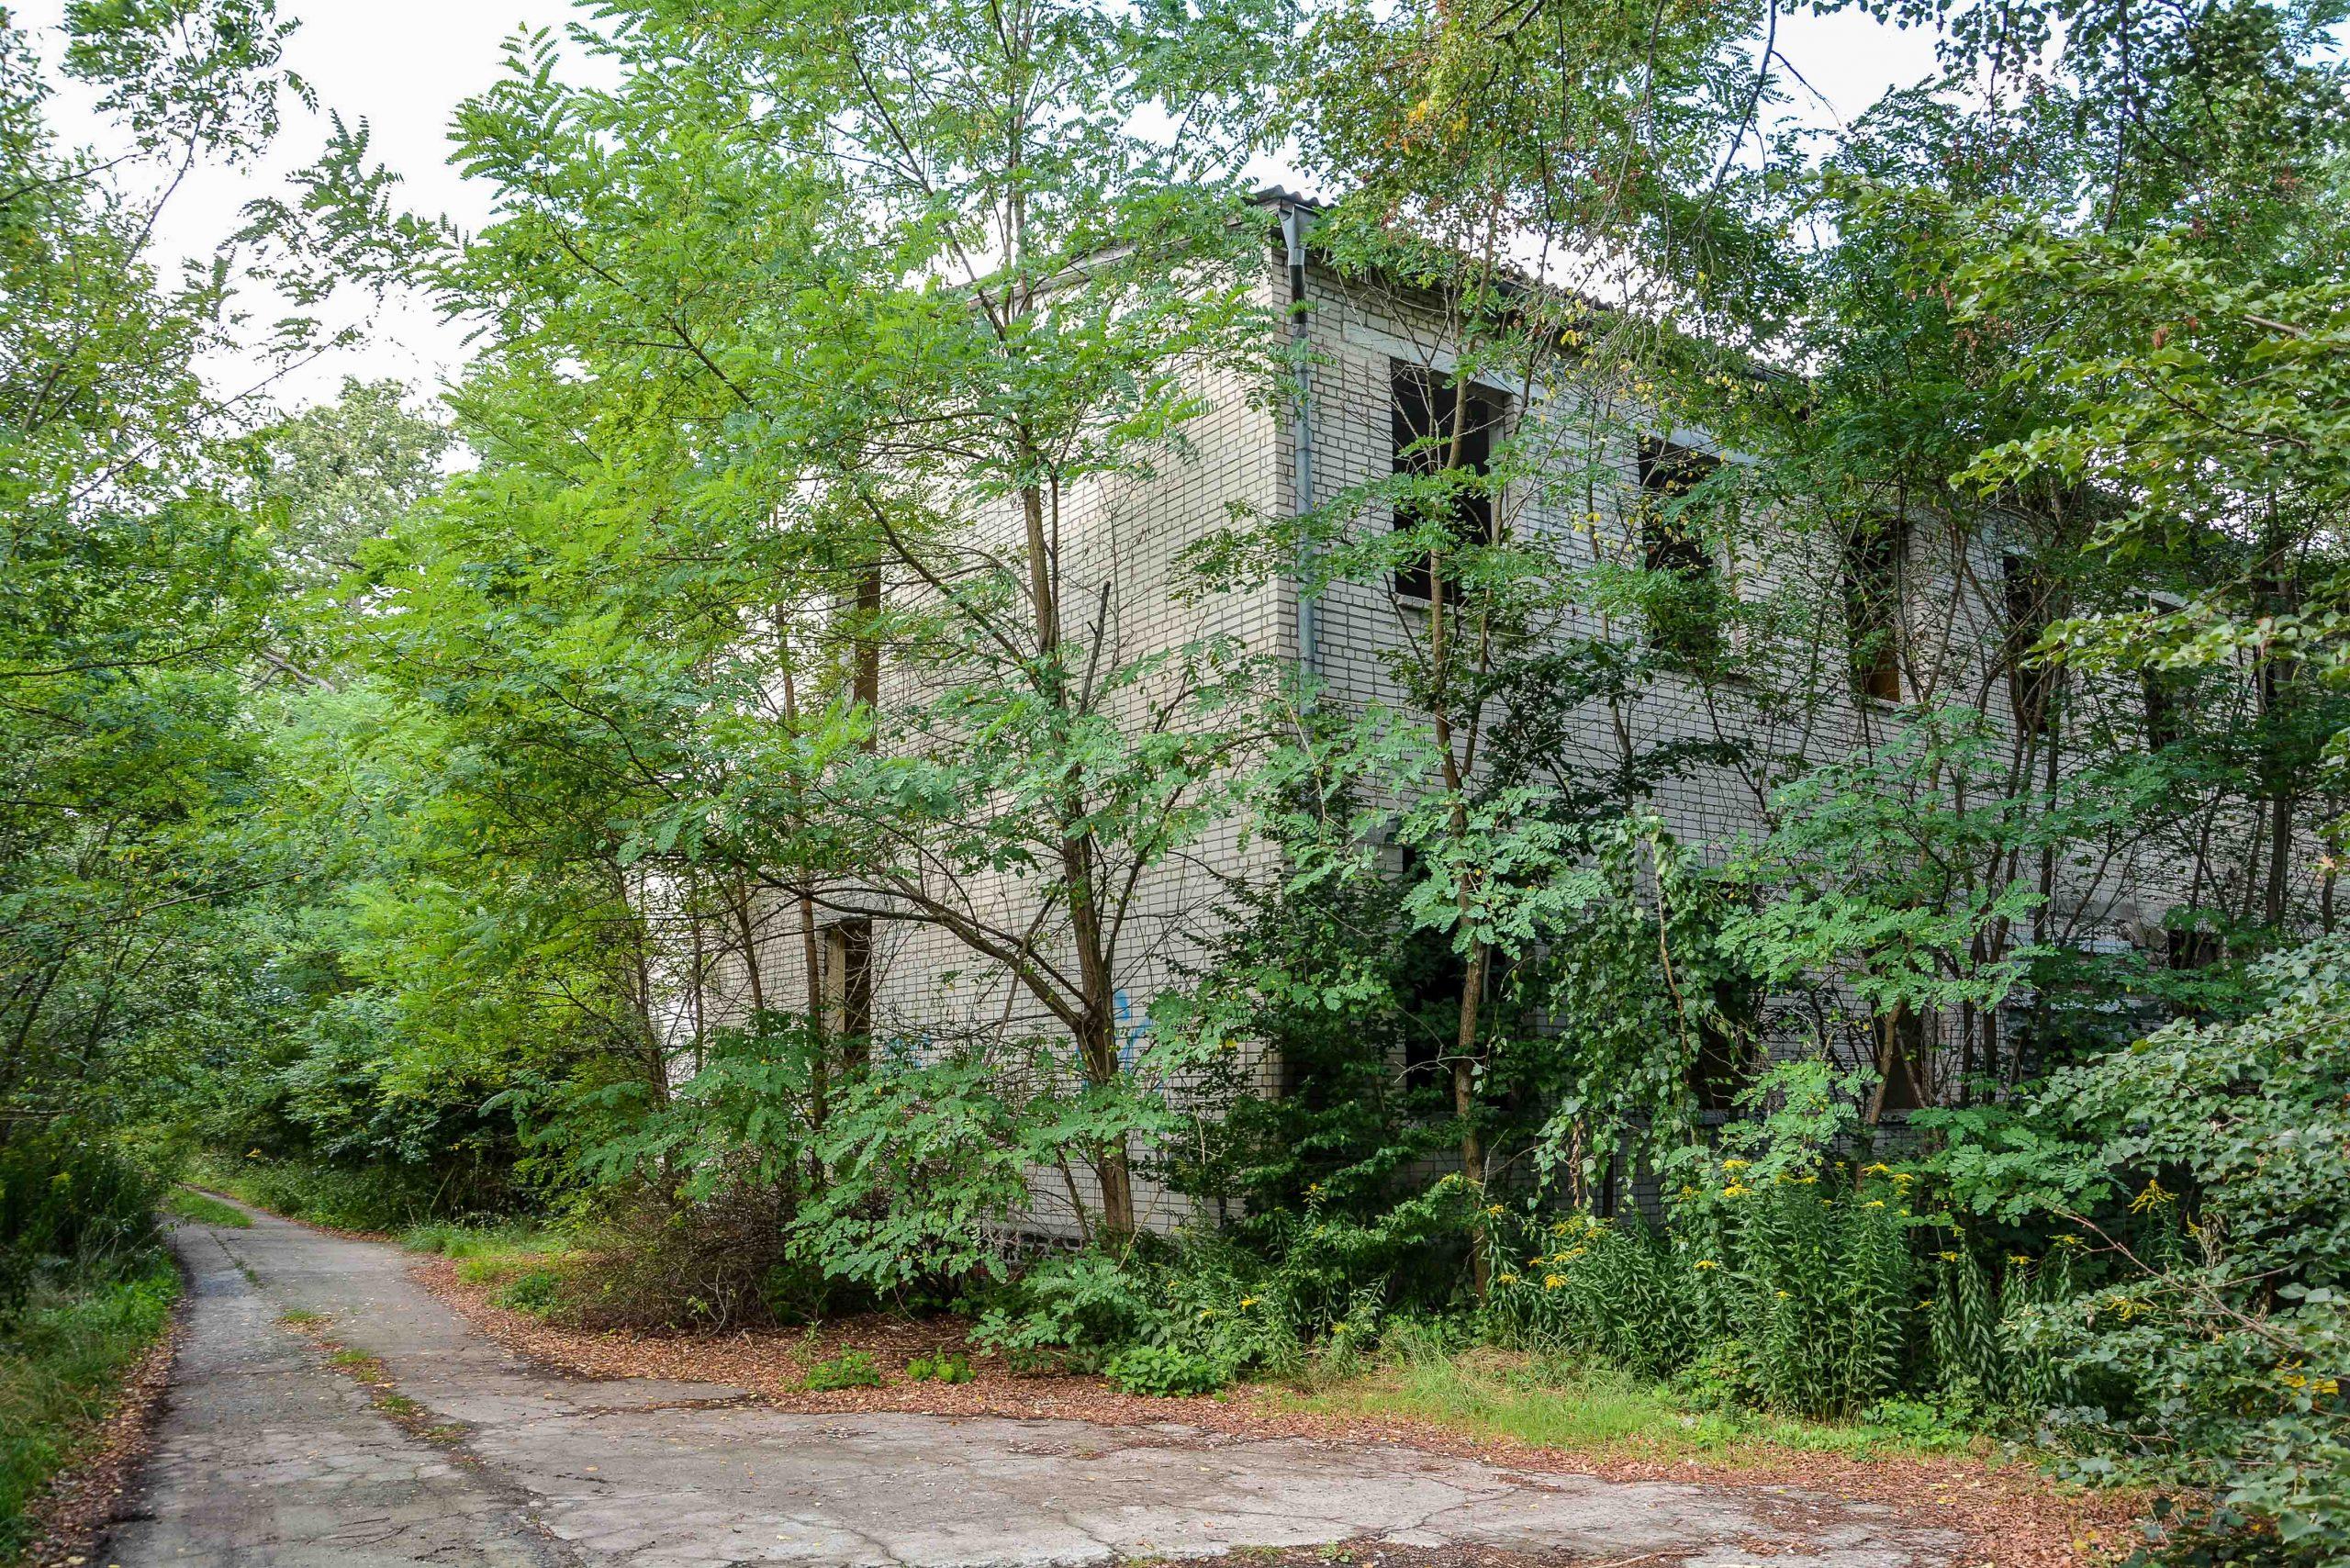 sowjet wohnblock soviet military housing lost places brandenburg neuruppin gut gentzrode ost deutschland urbex abandoned